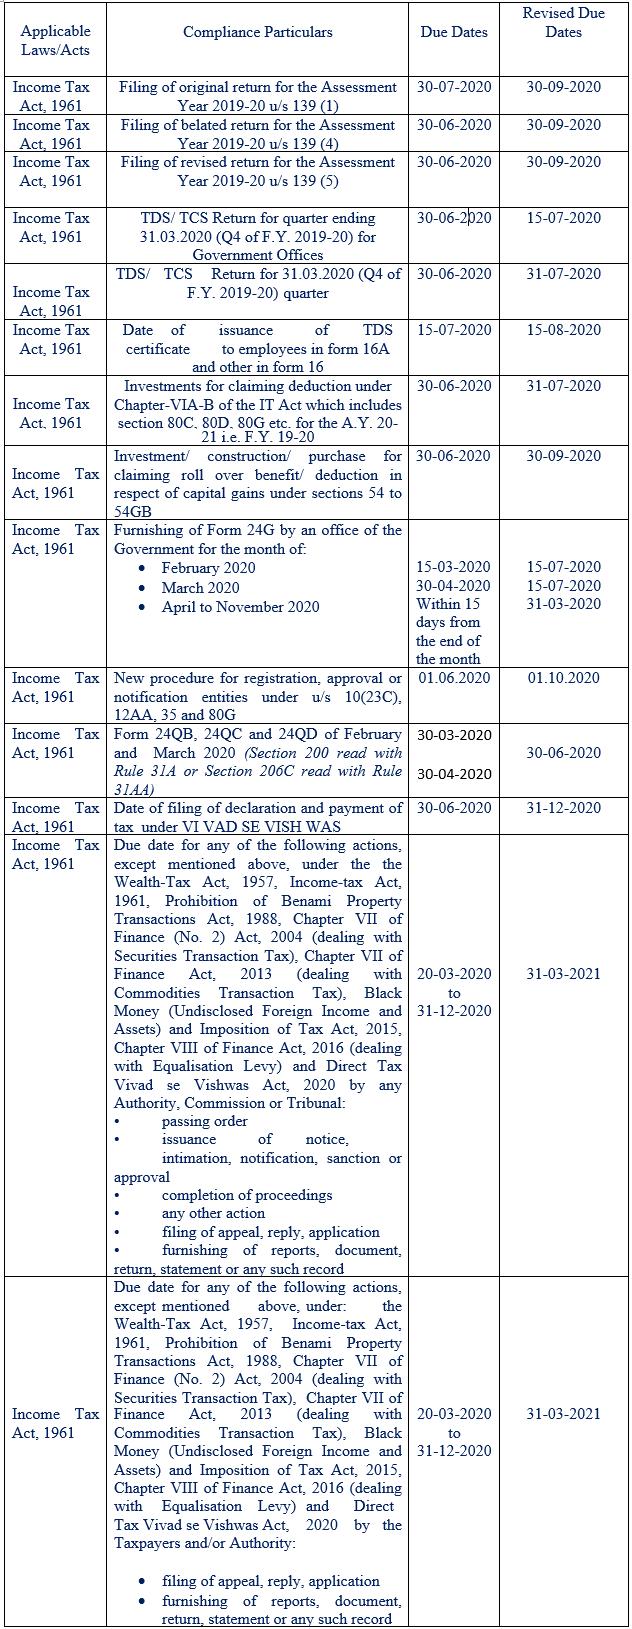 Corporate Compliance Calendar August 2020